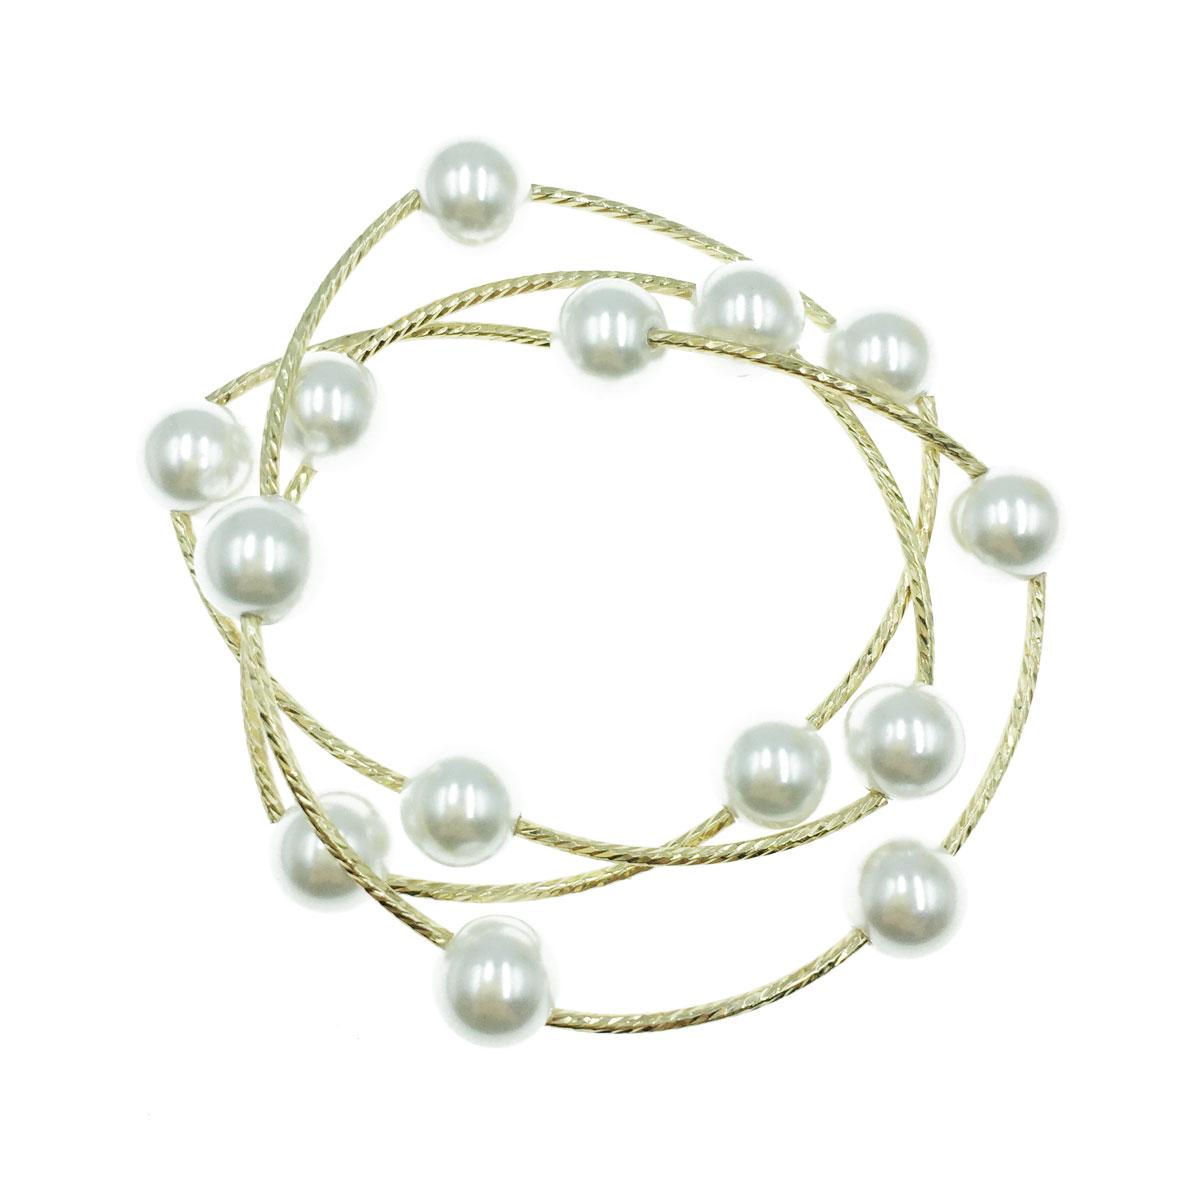 韓國 珍珠 簡約 金邊 手鍊